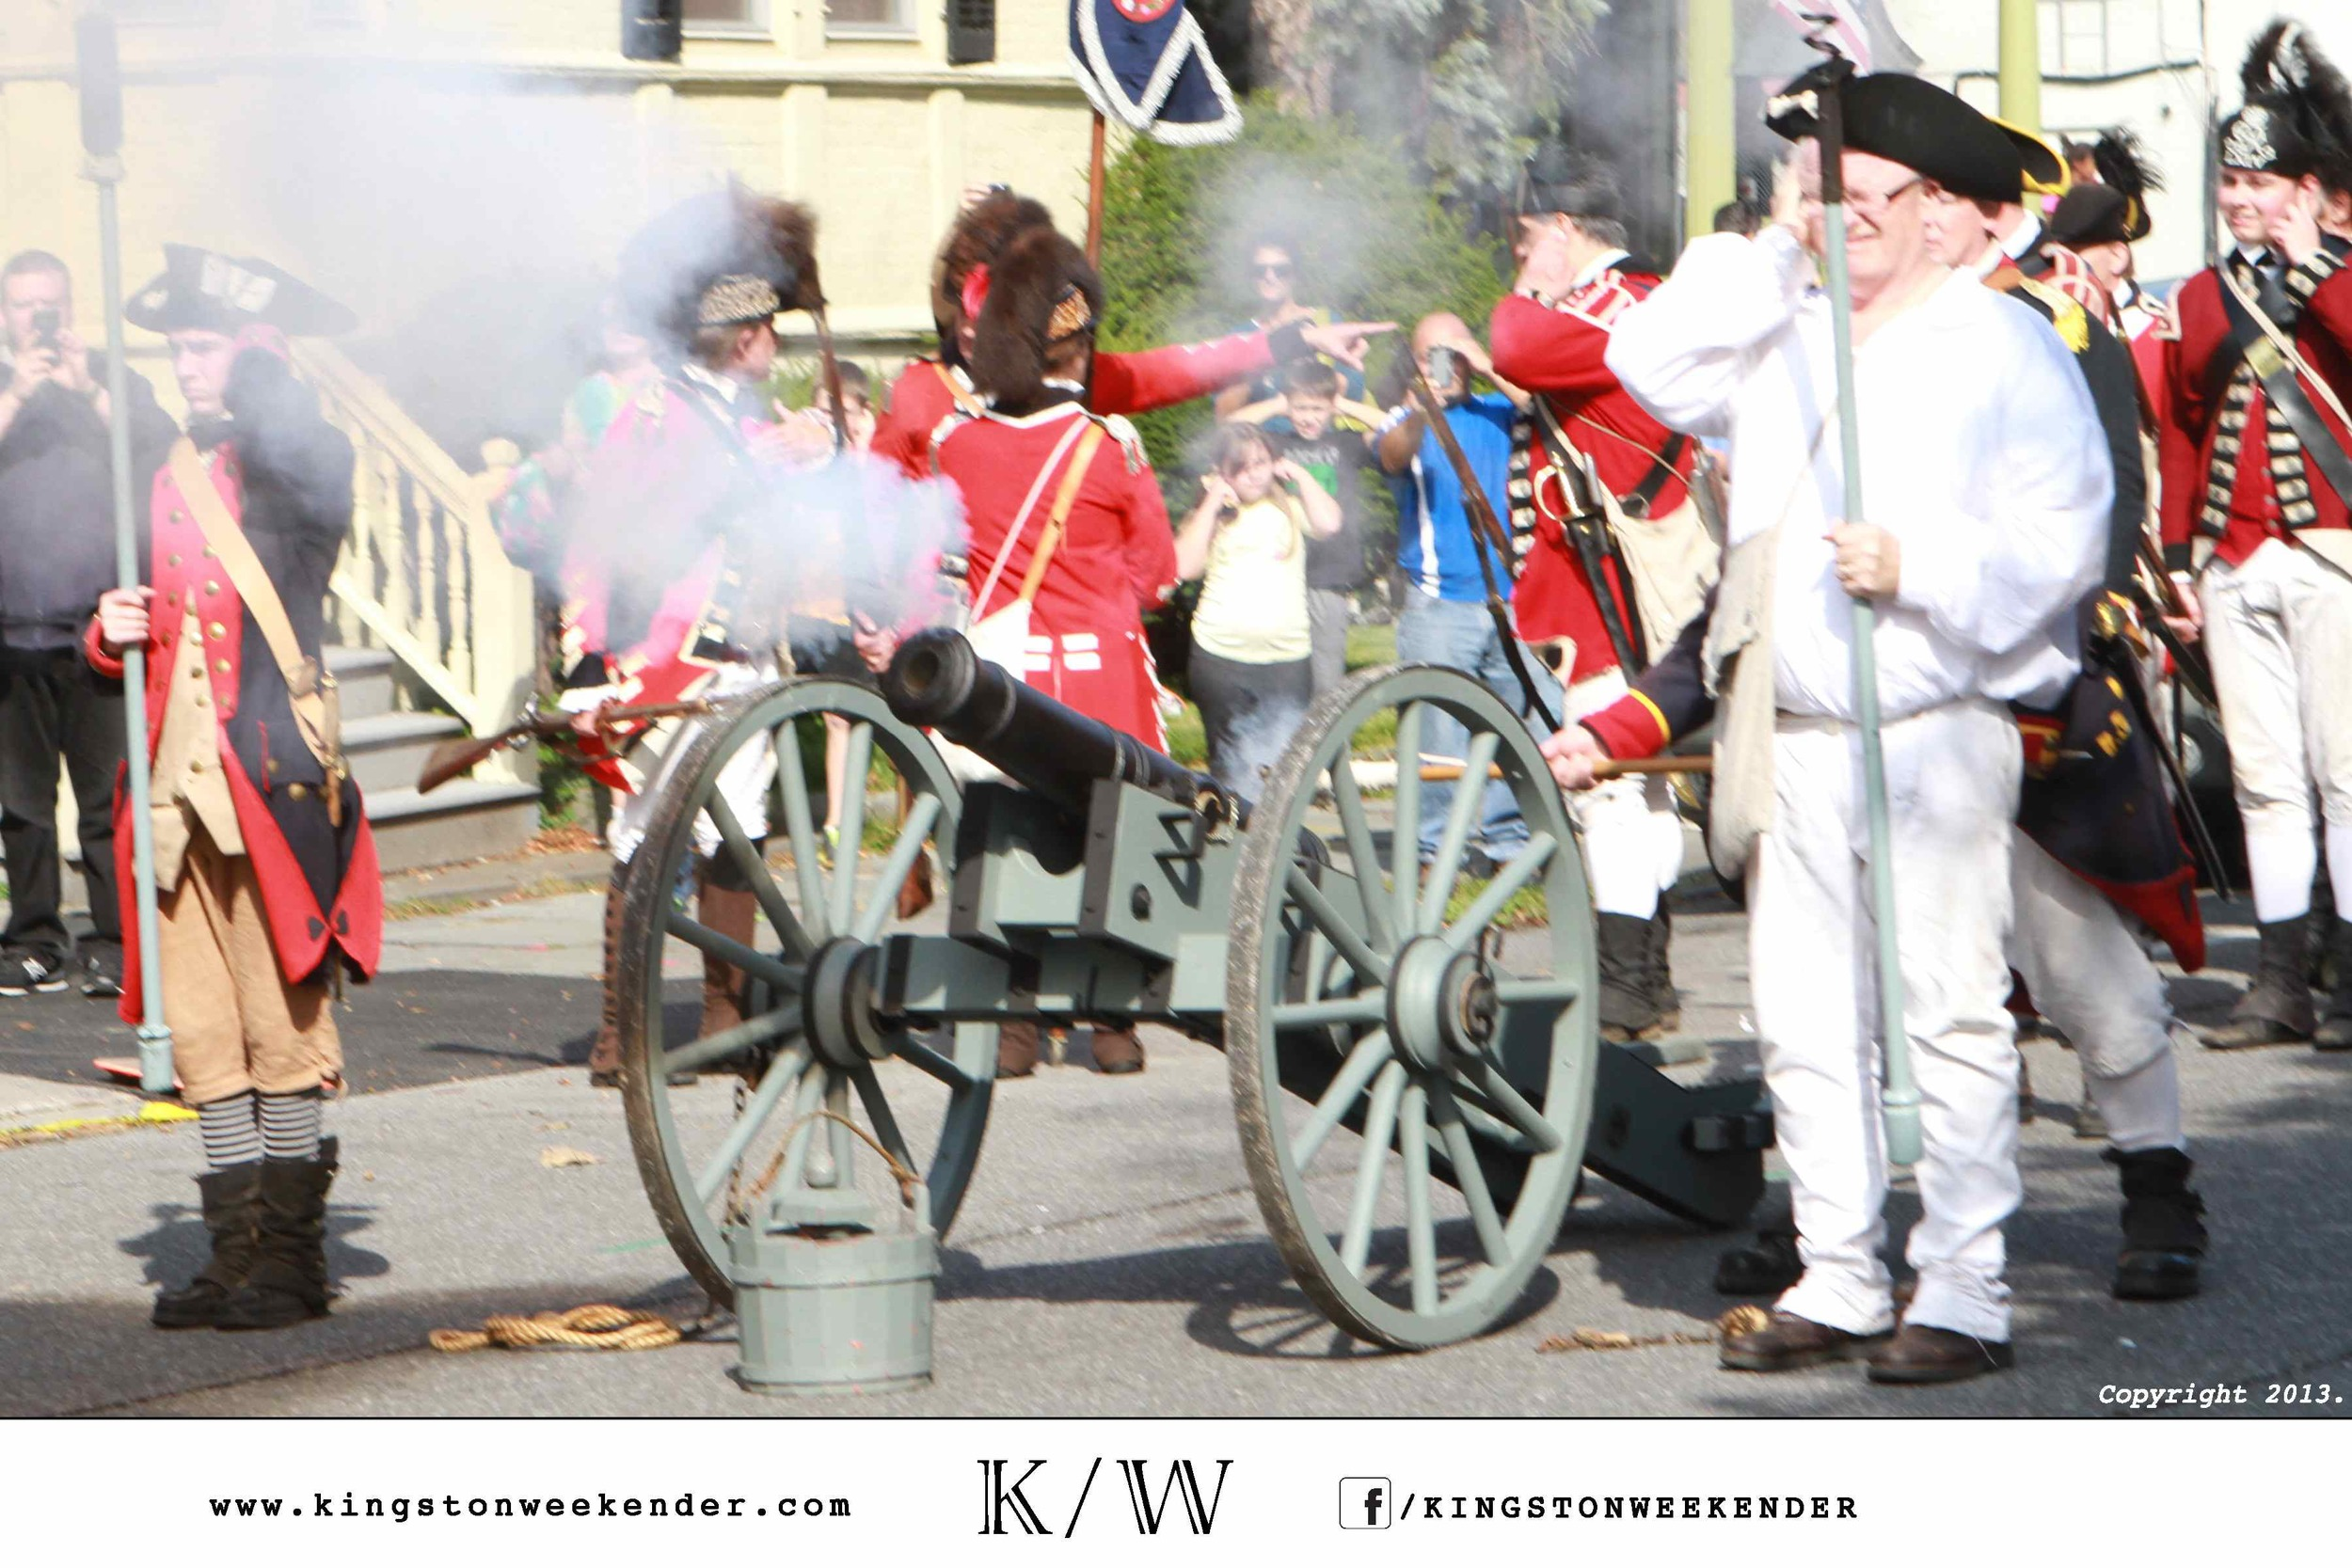 kingston-weekender-photo-credits15.jpg